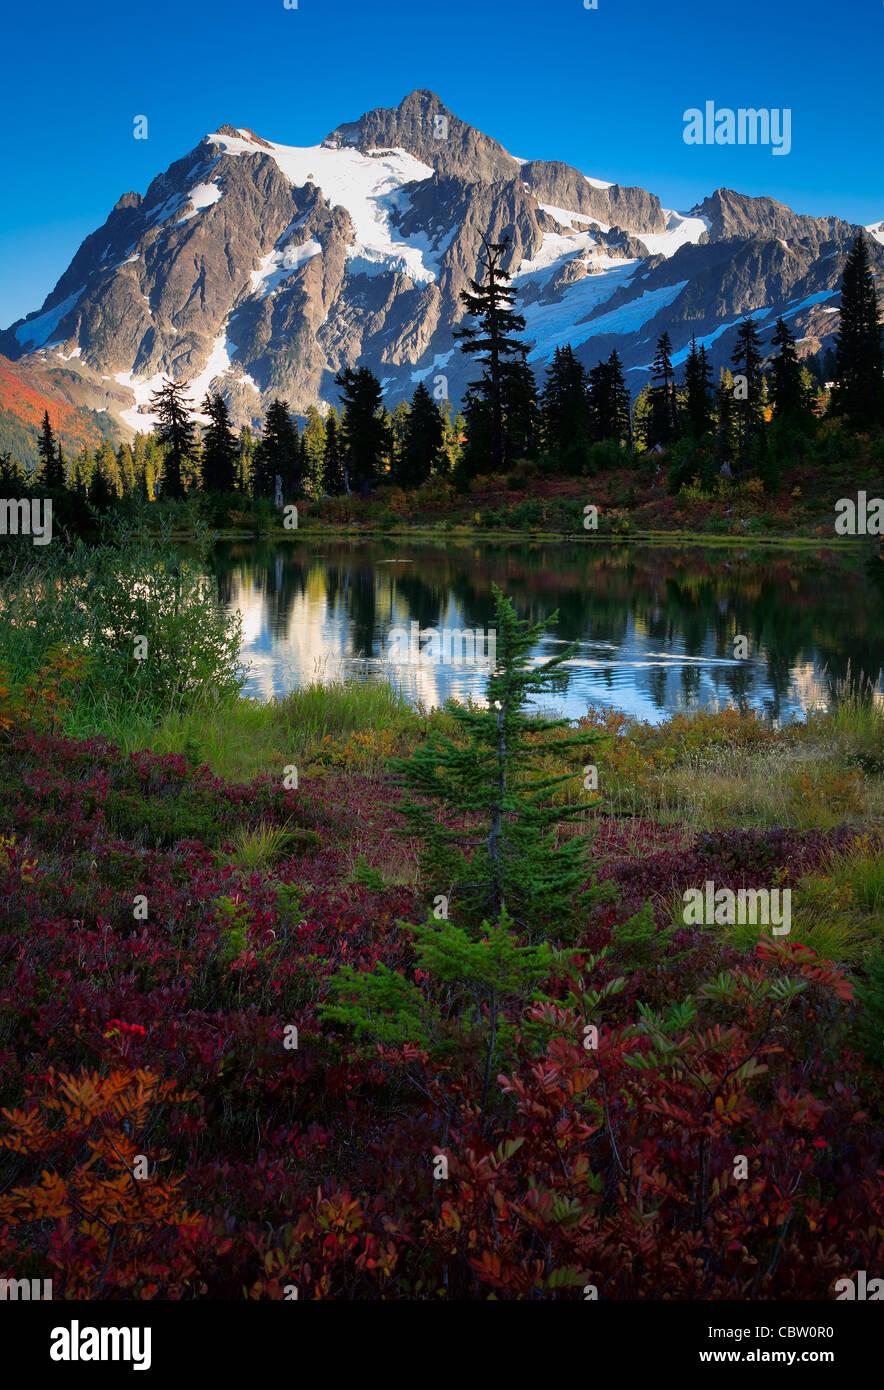 Mount Shuksan en el estado de Washington's North Cascades National Park reflejando en el lago de imagen Imagen De Stock